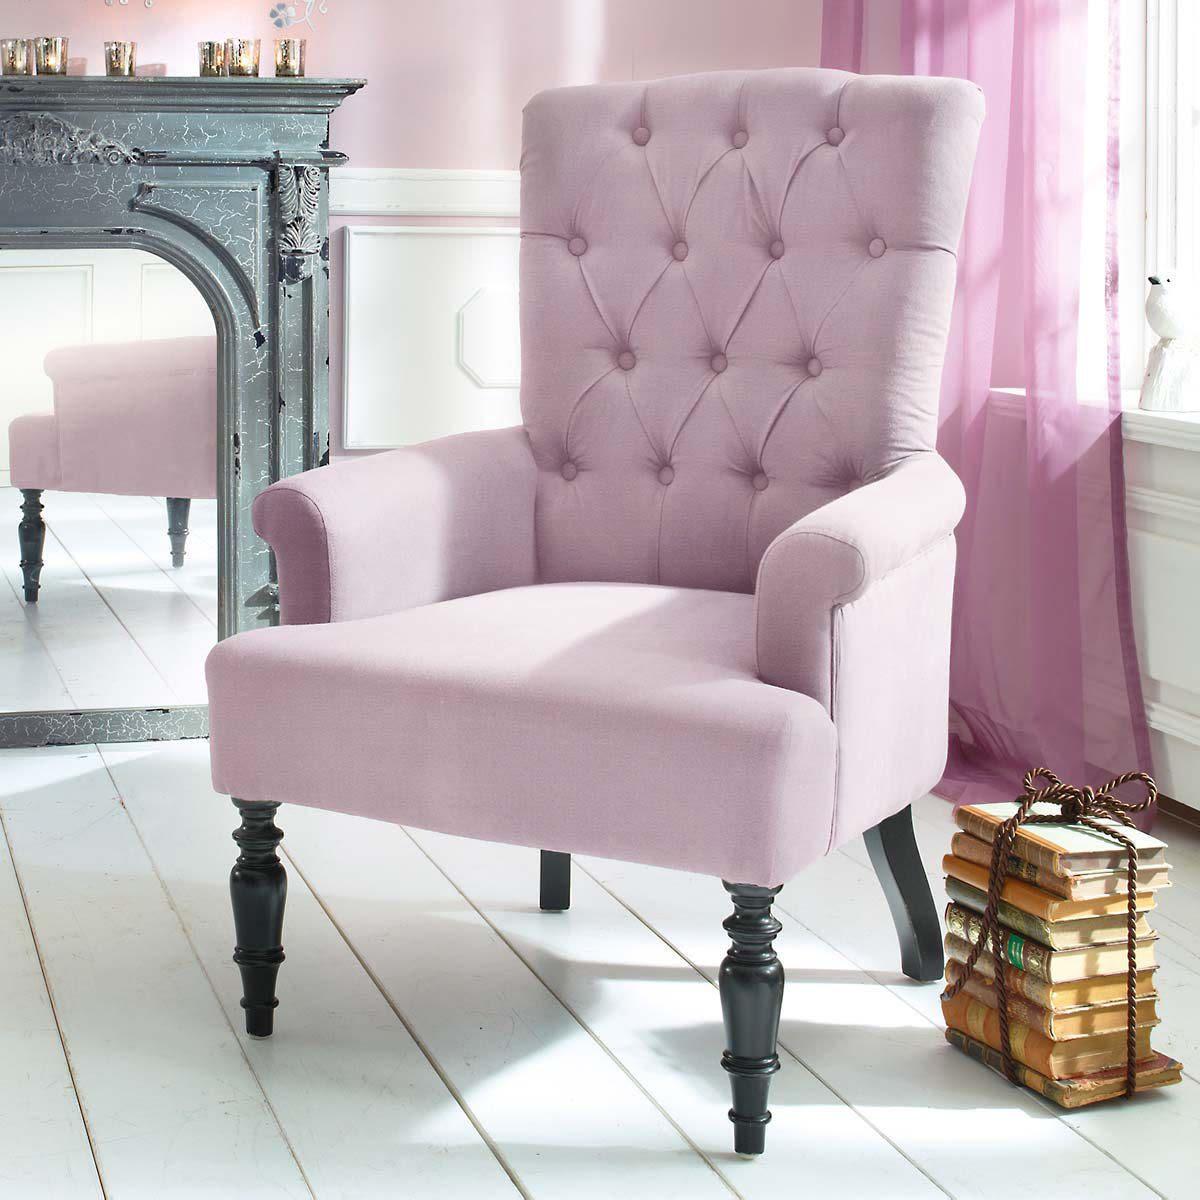 mit neuer wohnidee von miavilla zu ihrem traum zuhause. Black Bedroom Furniture Sets. Home Design Ideas